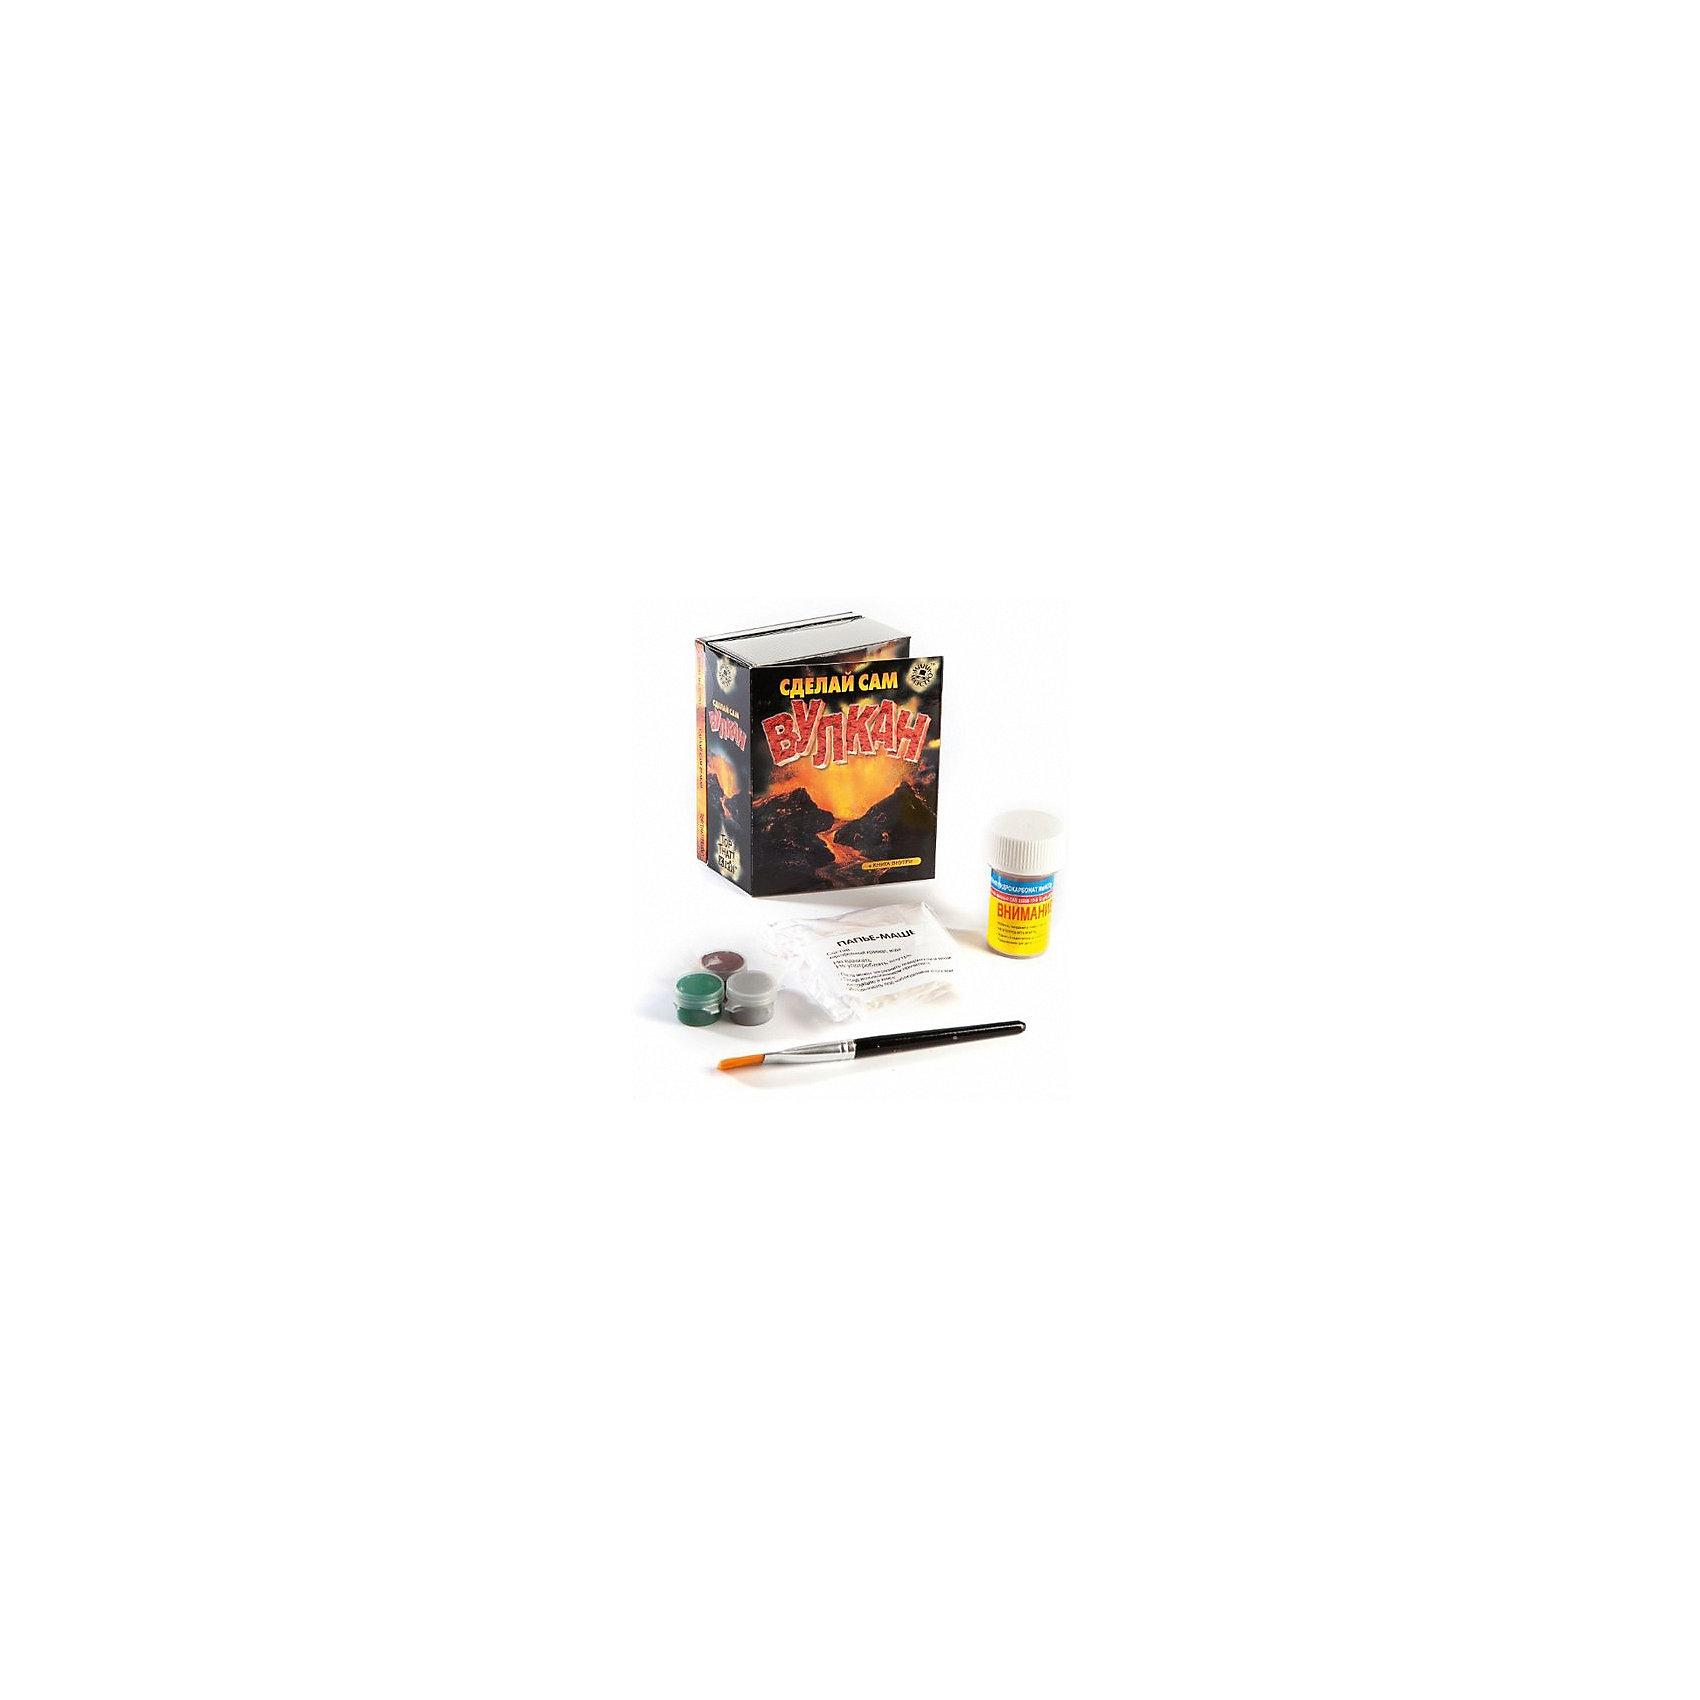 Набор Сделай сам вулканХимия<br>Мини-маэстро «Сделай сам вулкан» - в этом наборе ты найдешь много интересных фактов о вулканах и даже сможешь устроить извержение своего собственного вулкана! В книге ты найдешь подробное руководство с иллюстрациями.<br>Дополнительная информация:<br>В набор входит:<br>- Книга с инструкциями 48 стр., цв. илл.,<br>- порошок для папье-маше, <br>- краски, кисточка, <br>- смесь для извержения вулкана.<br>Размер упаковки (д/ш/в): 95 х 52 х 120 мм<br><br>Ширина мм: 95<br>Глубина мм: 52<br>Высота мм: 120<br>Вес г: 300<br>Возраст от месяцев: 72<br>Возраст до месяцев: 144<br>Пол: Мужской<br>Возраст: Детский<br>SKU: 2358217